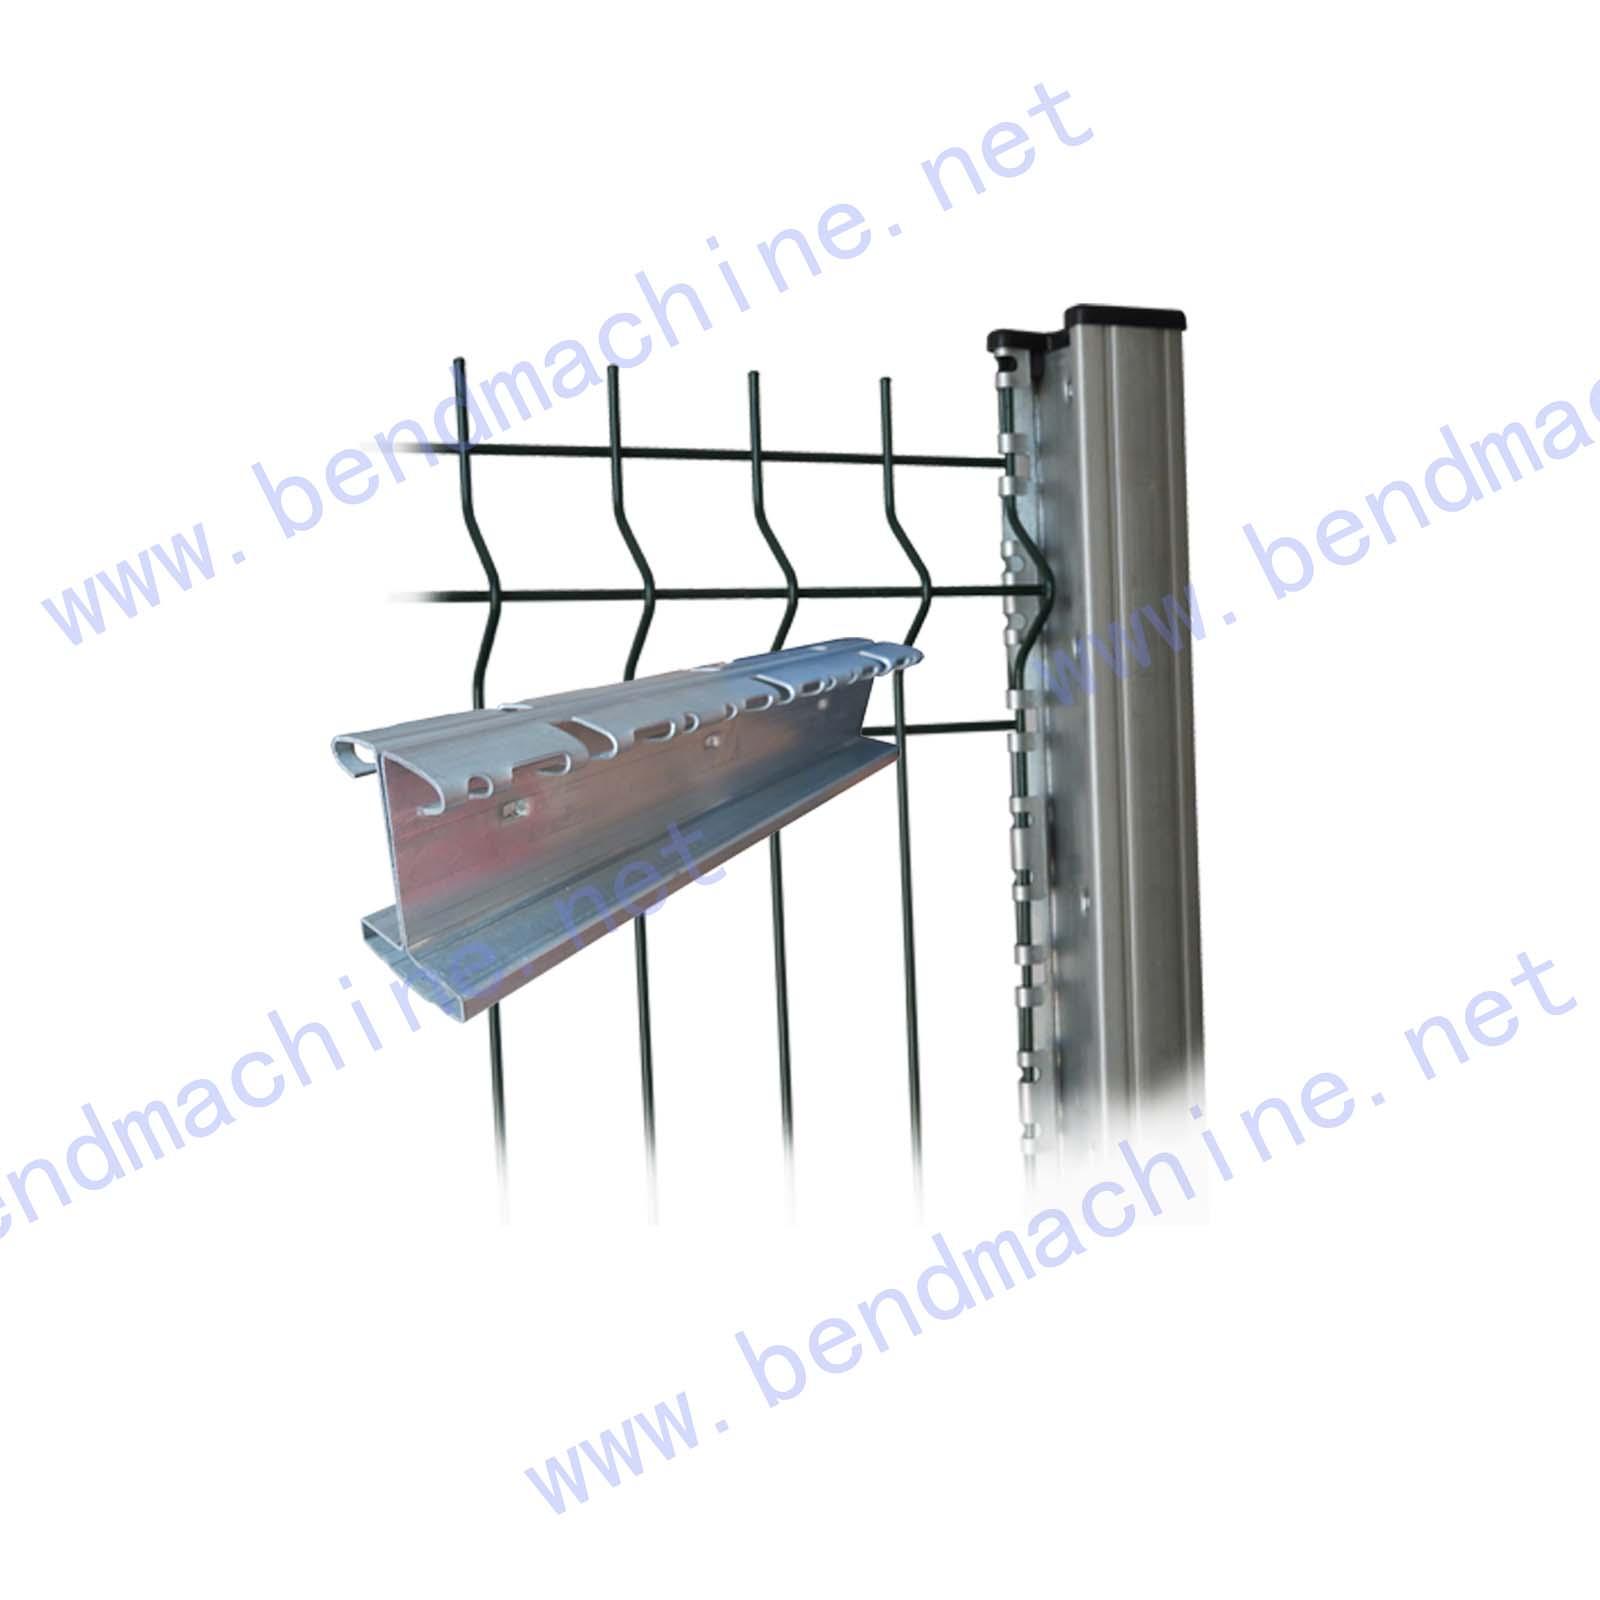 特殊弯边围栏立柱1